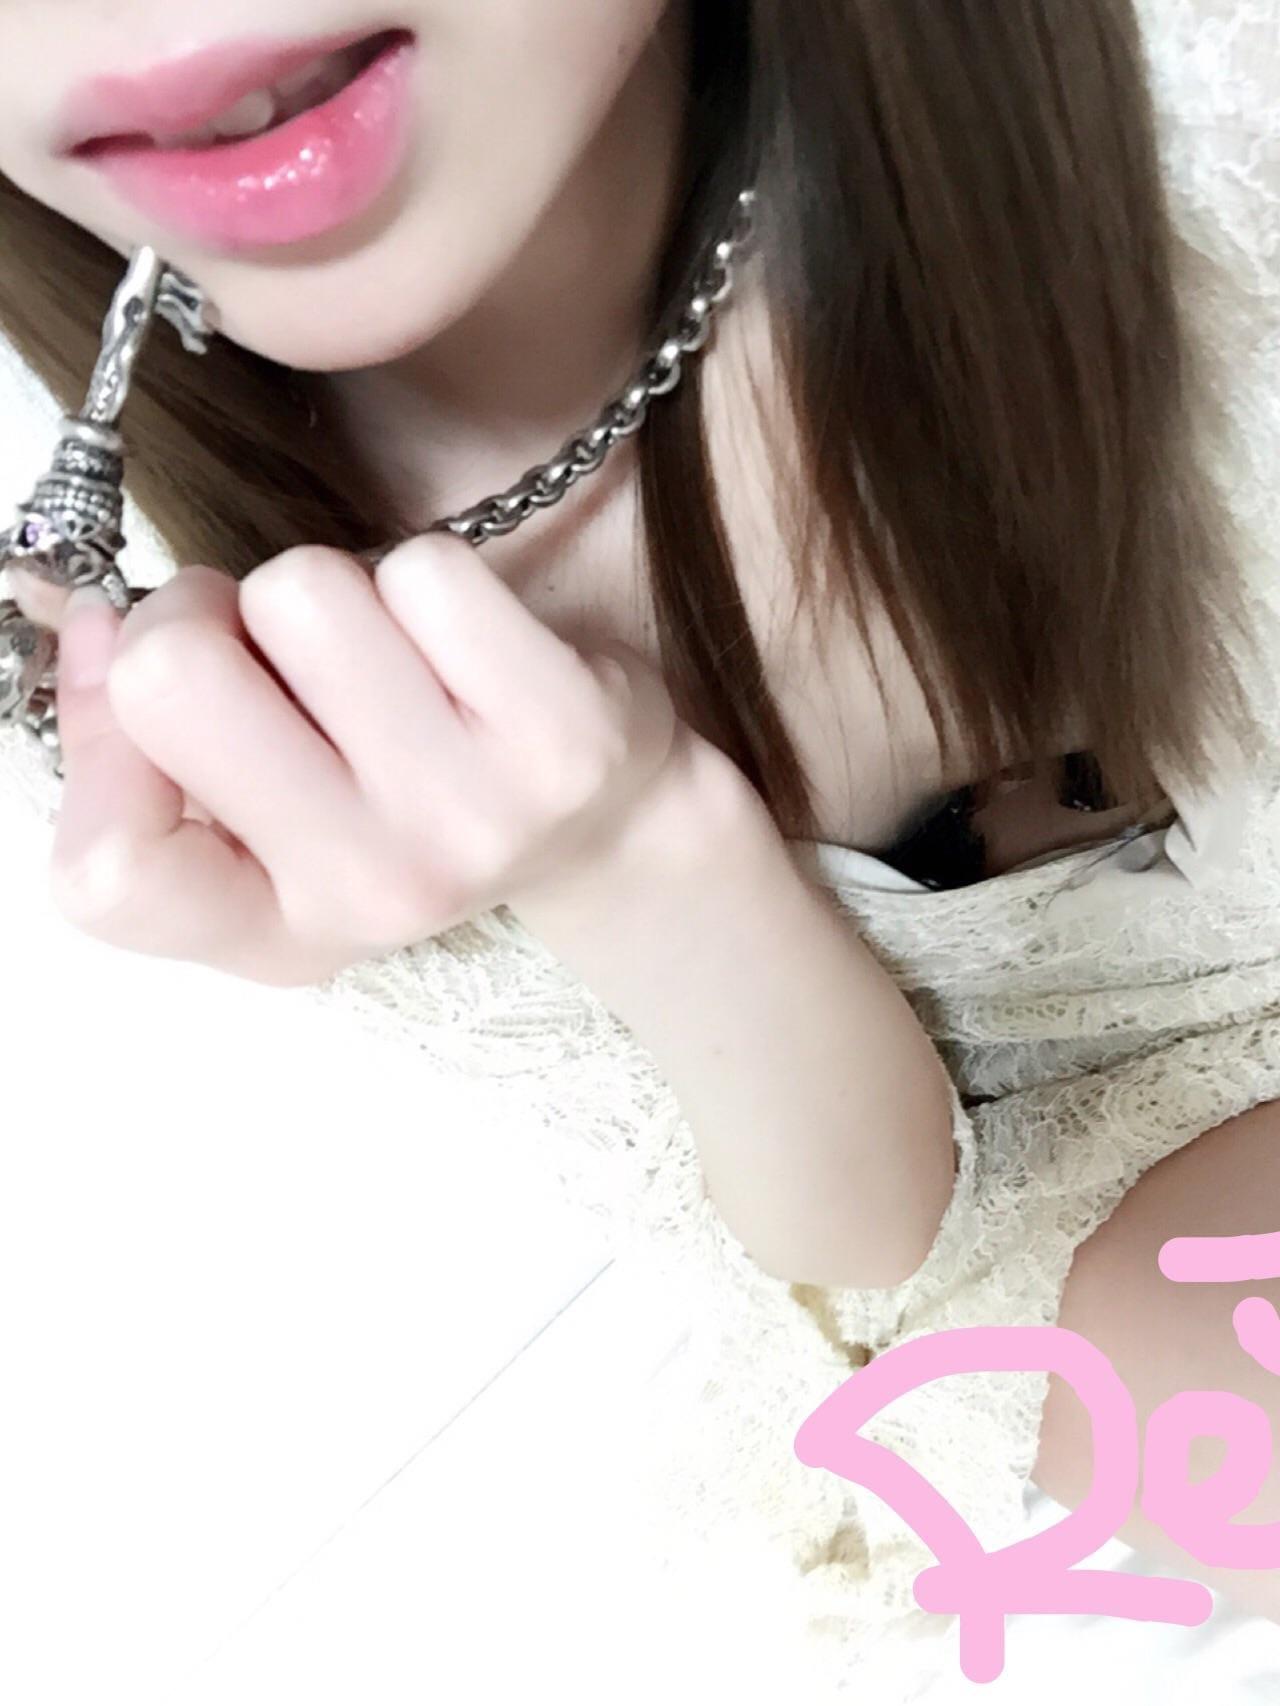 「ちゅっ??」11/21(11/21) 17:55 | Reiの写メ・風俗動画